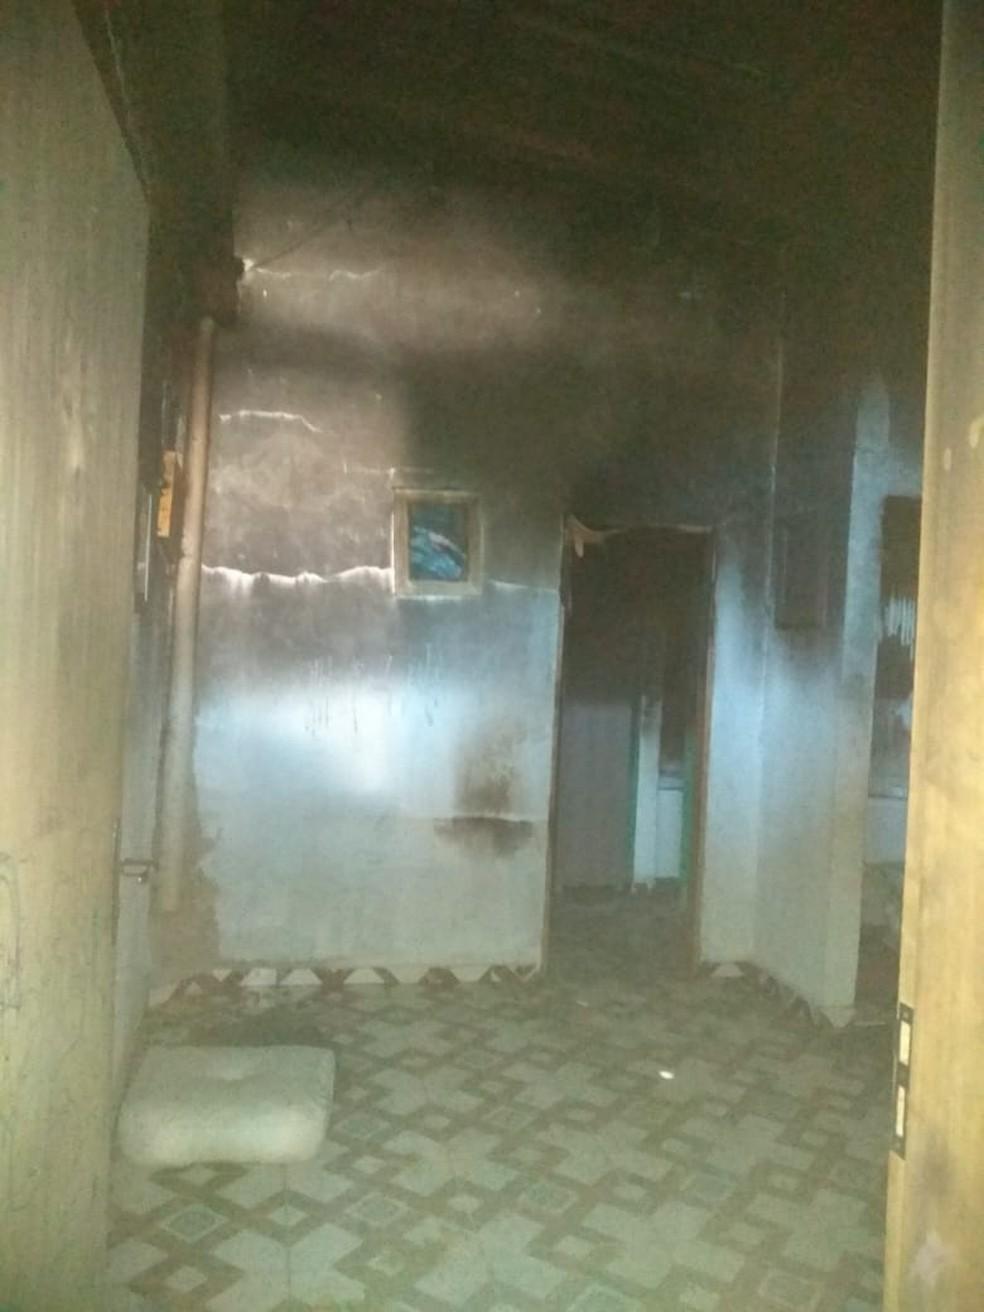 Casa e parte do telhado foram comprometidos após homem atear fogo em SP — Foto: G1 Santos